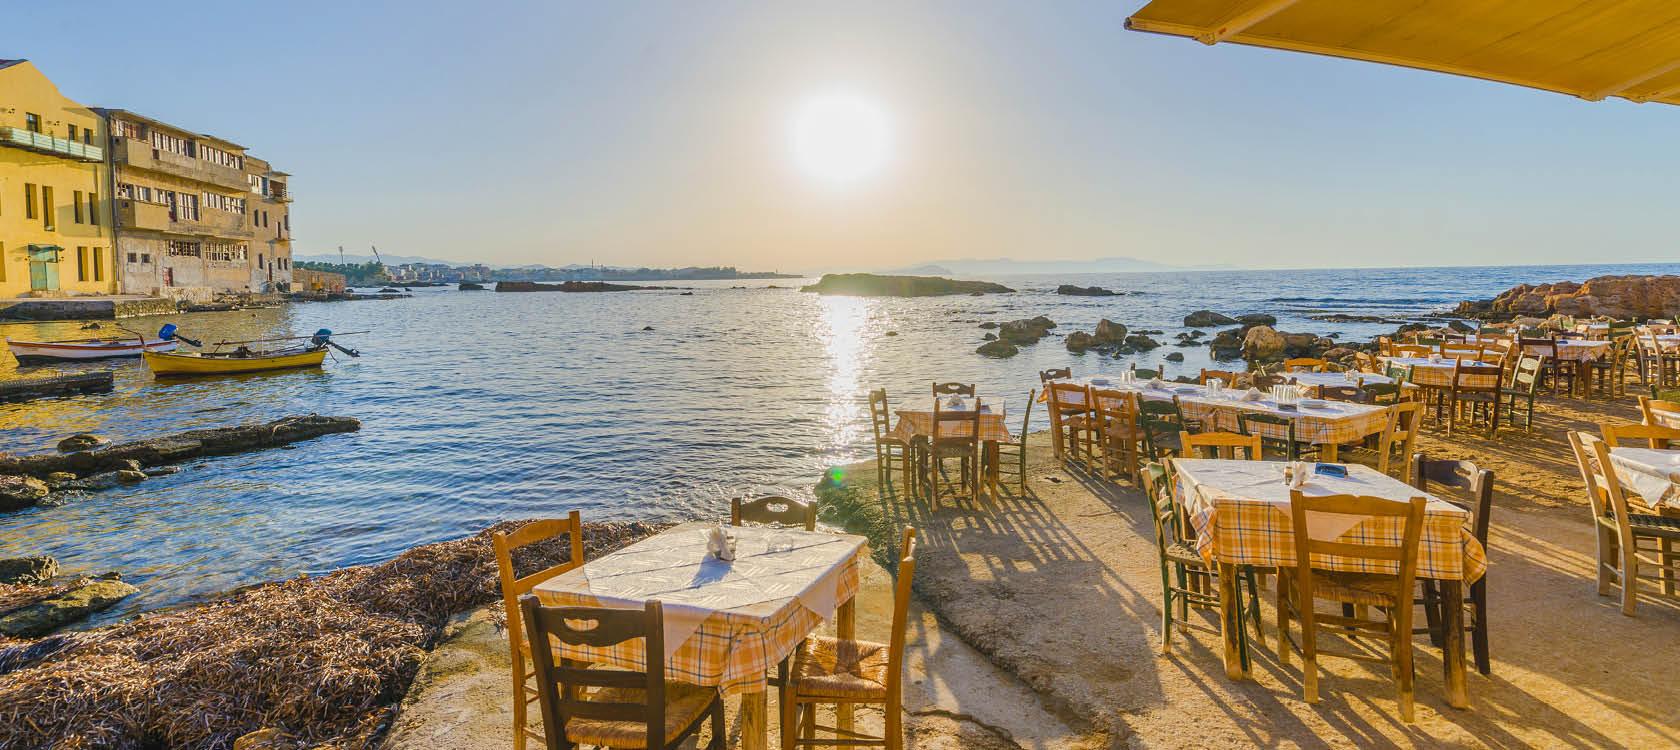 Uteservering vid havet i solnedgången i Grekland.